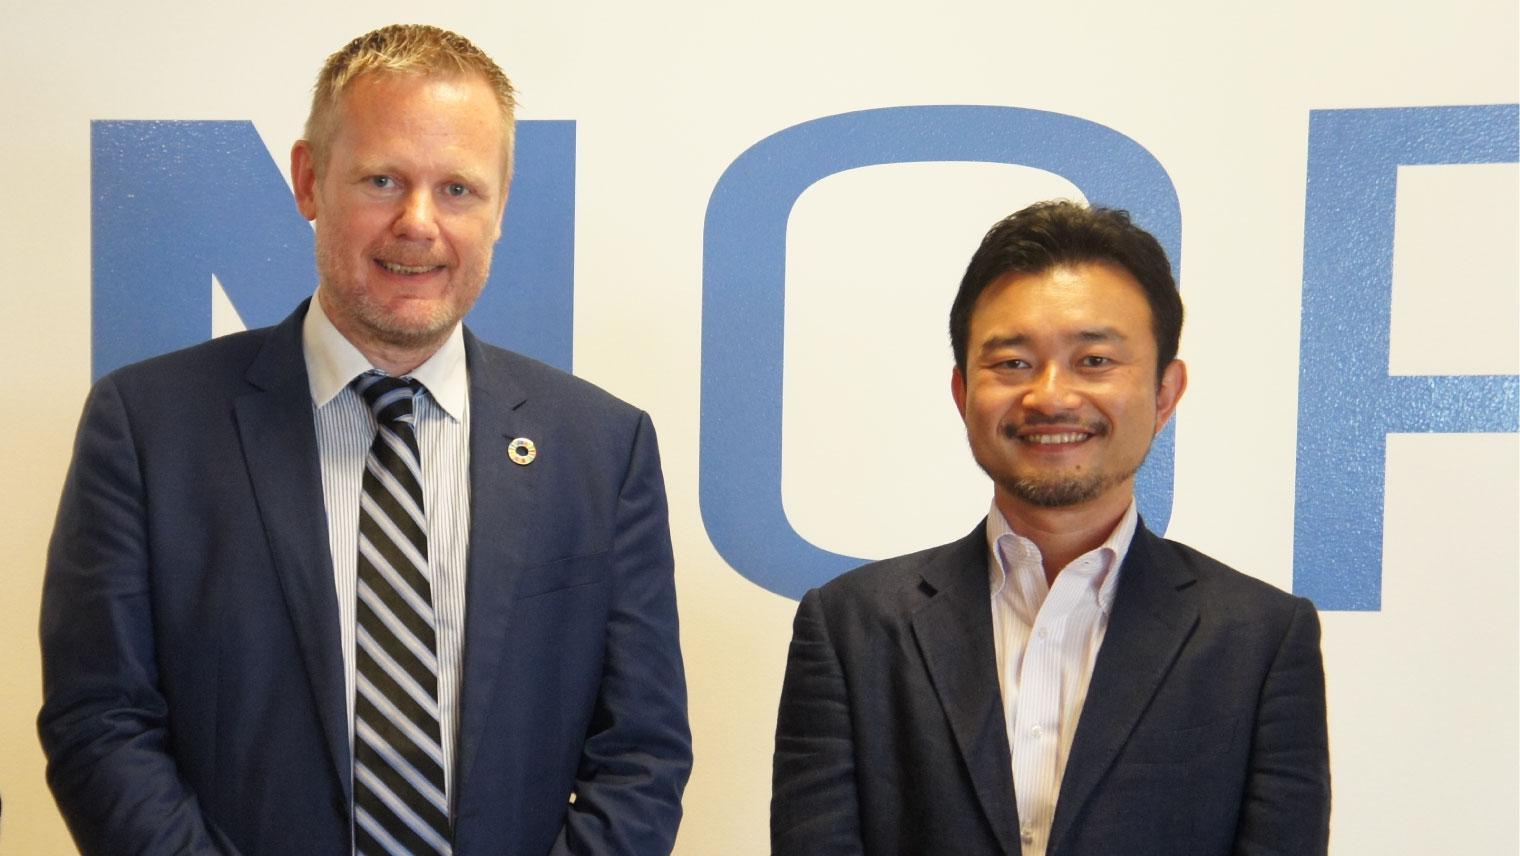 写真左:ヨナス・スヴェンソン氏 UNOPS グローバル・イノベーション部門及びテクノロジー部門代表、写真右:小田島 伸至 ソニーグループ株式会社 Startup Acceleration部門